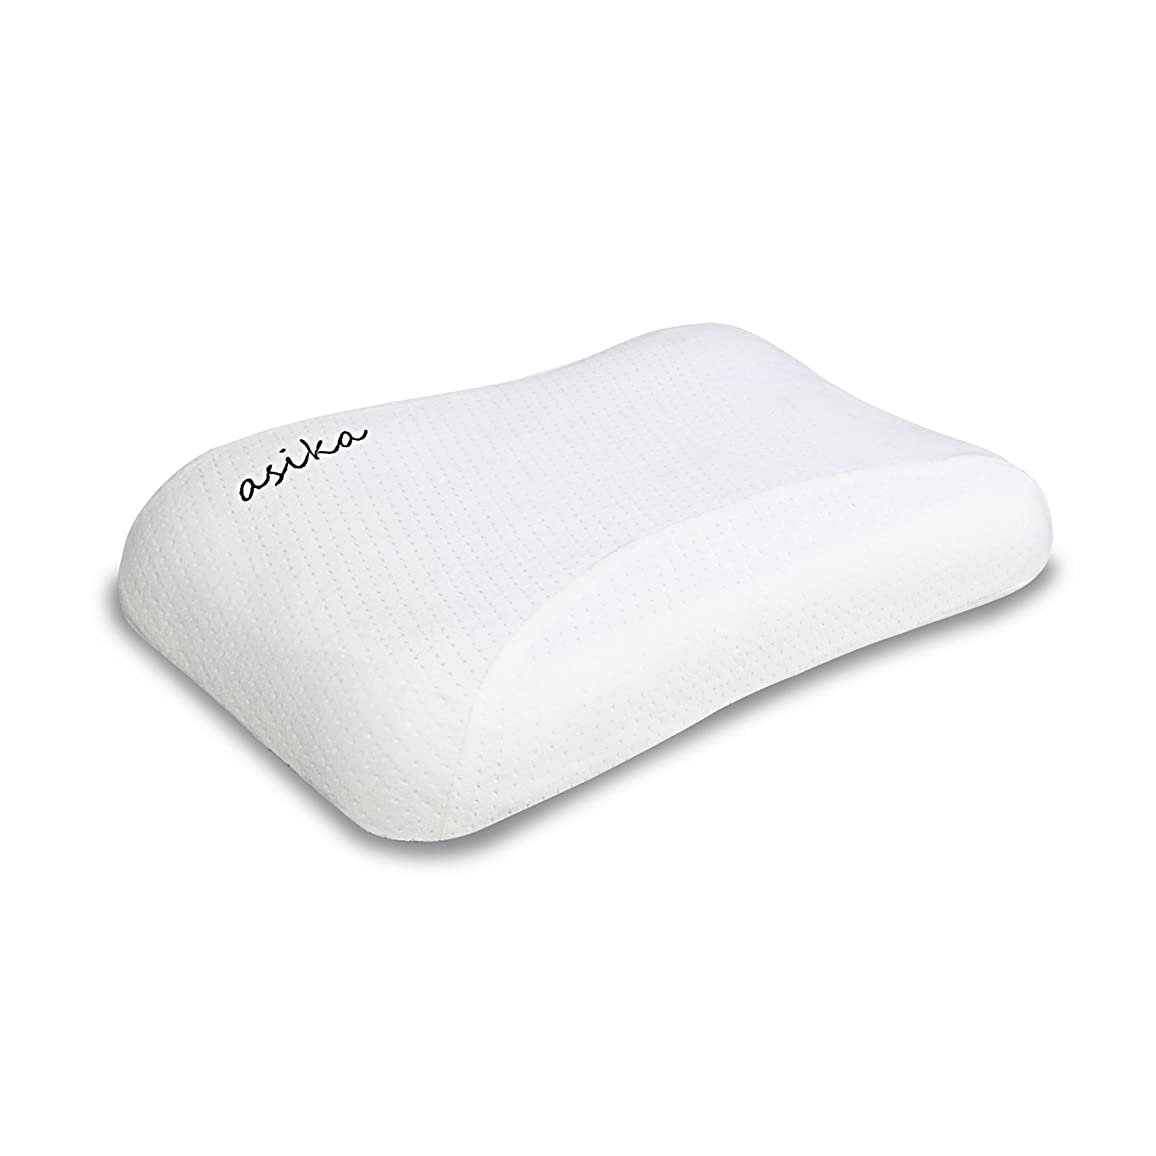 独裁放課後インストラクター健康枕 ASIKA 人間工学設計快眠枕 無臭柔らかい 頸椎サポートストレス解消 低反発まくら